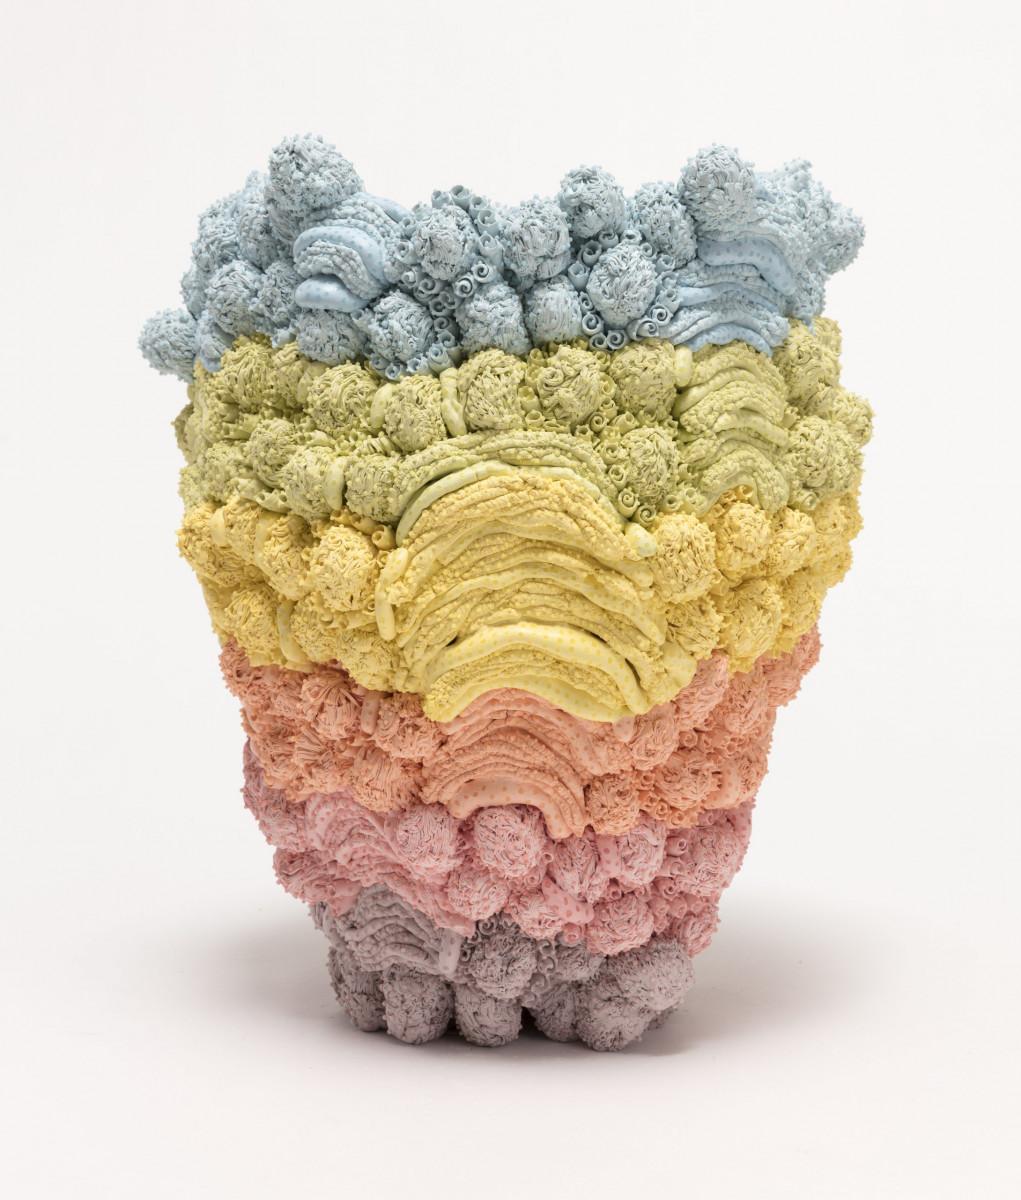 Kazuhito Kawai. <em>Dynamite</em>, 2021. Glazed ceramic, 13 x 10 1/4 x 10 1/4 inches (33 x 26 x 26 cm) Detail